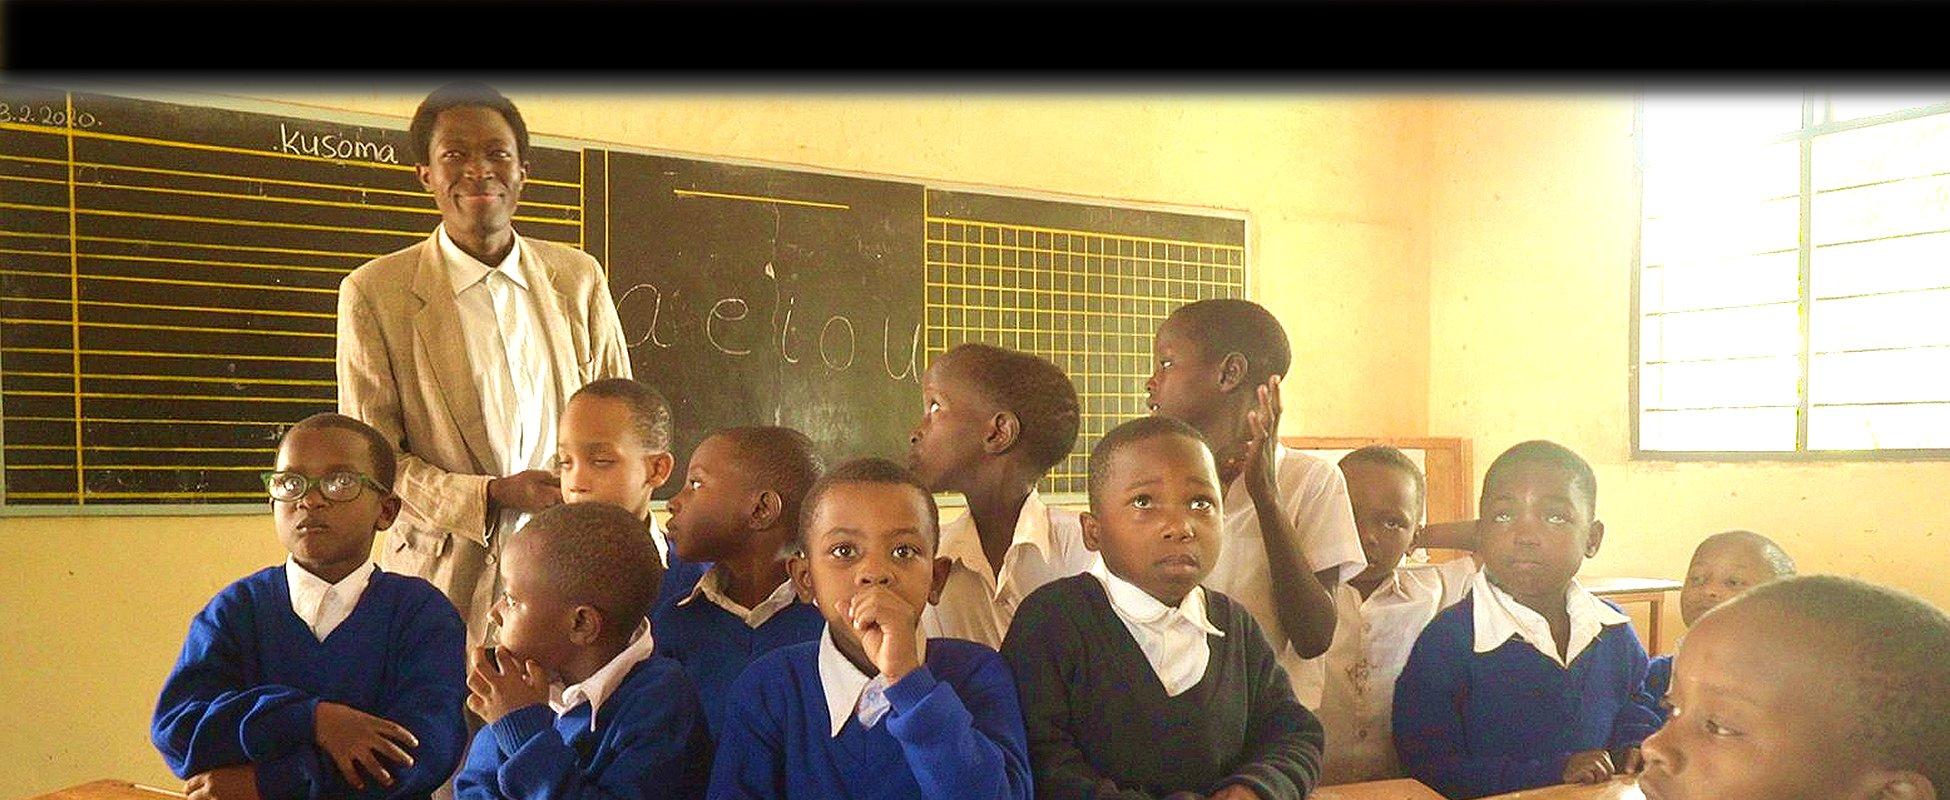 Msandaka School for the Deaf - Tusker Trail